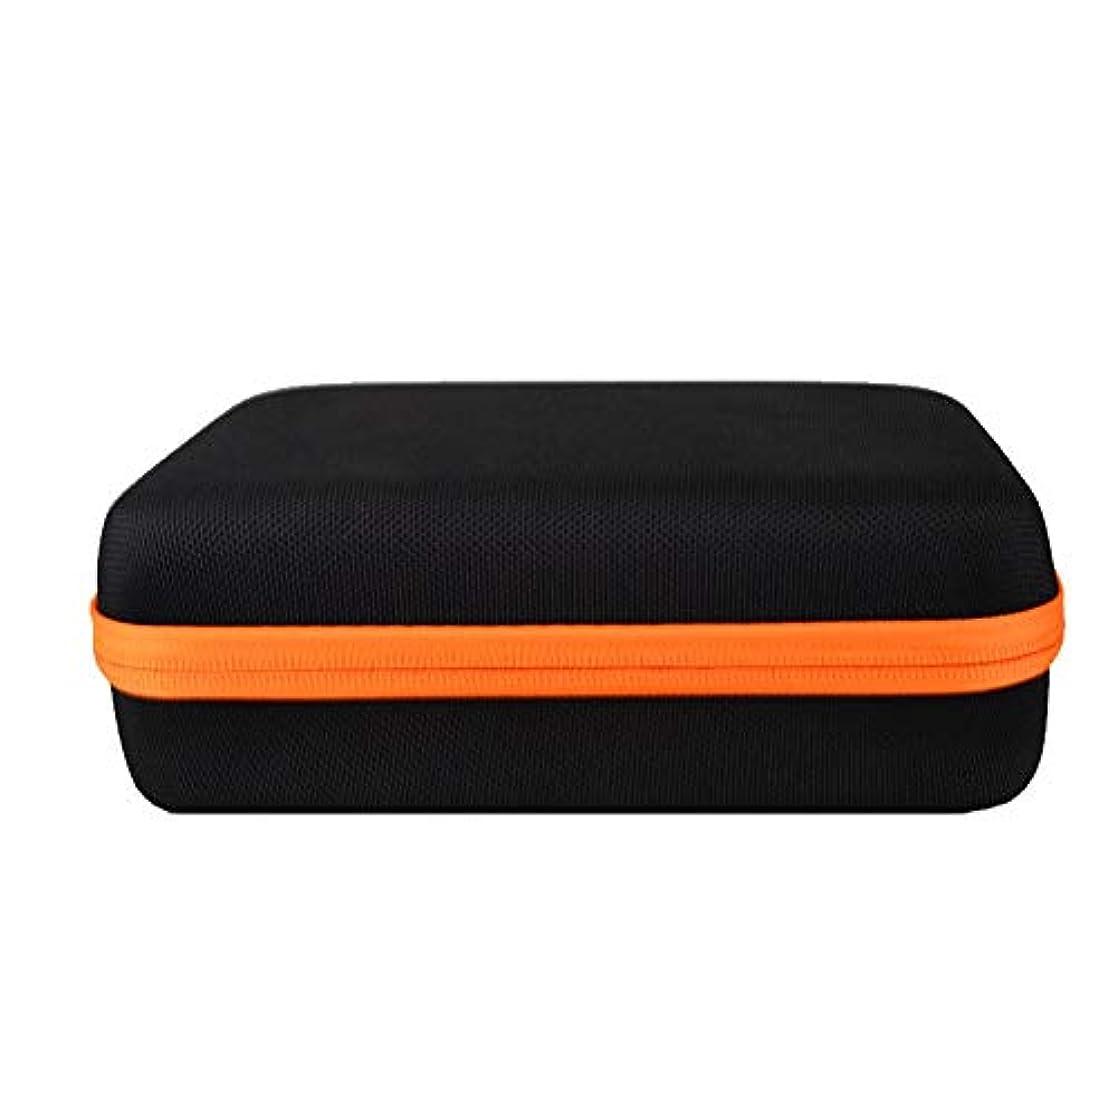 むしゃむしゃ軽食評決精油ケース オレンジ5ミリリットル/ 10ミリリットル/ 15ミリリットルの油のボトル用ケースプレミアム保護キャリングエッセンシャルオイル 携帯便利 (色 : オレンジ, サイズ : 21.5X17.2X7.6CM)